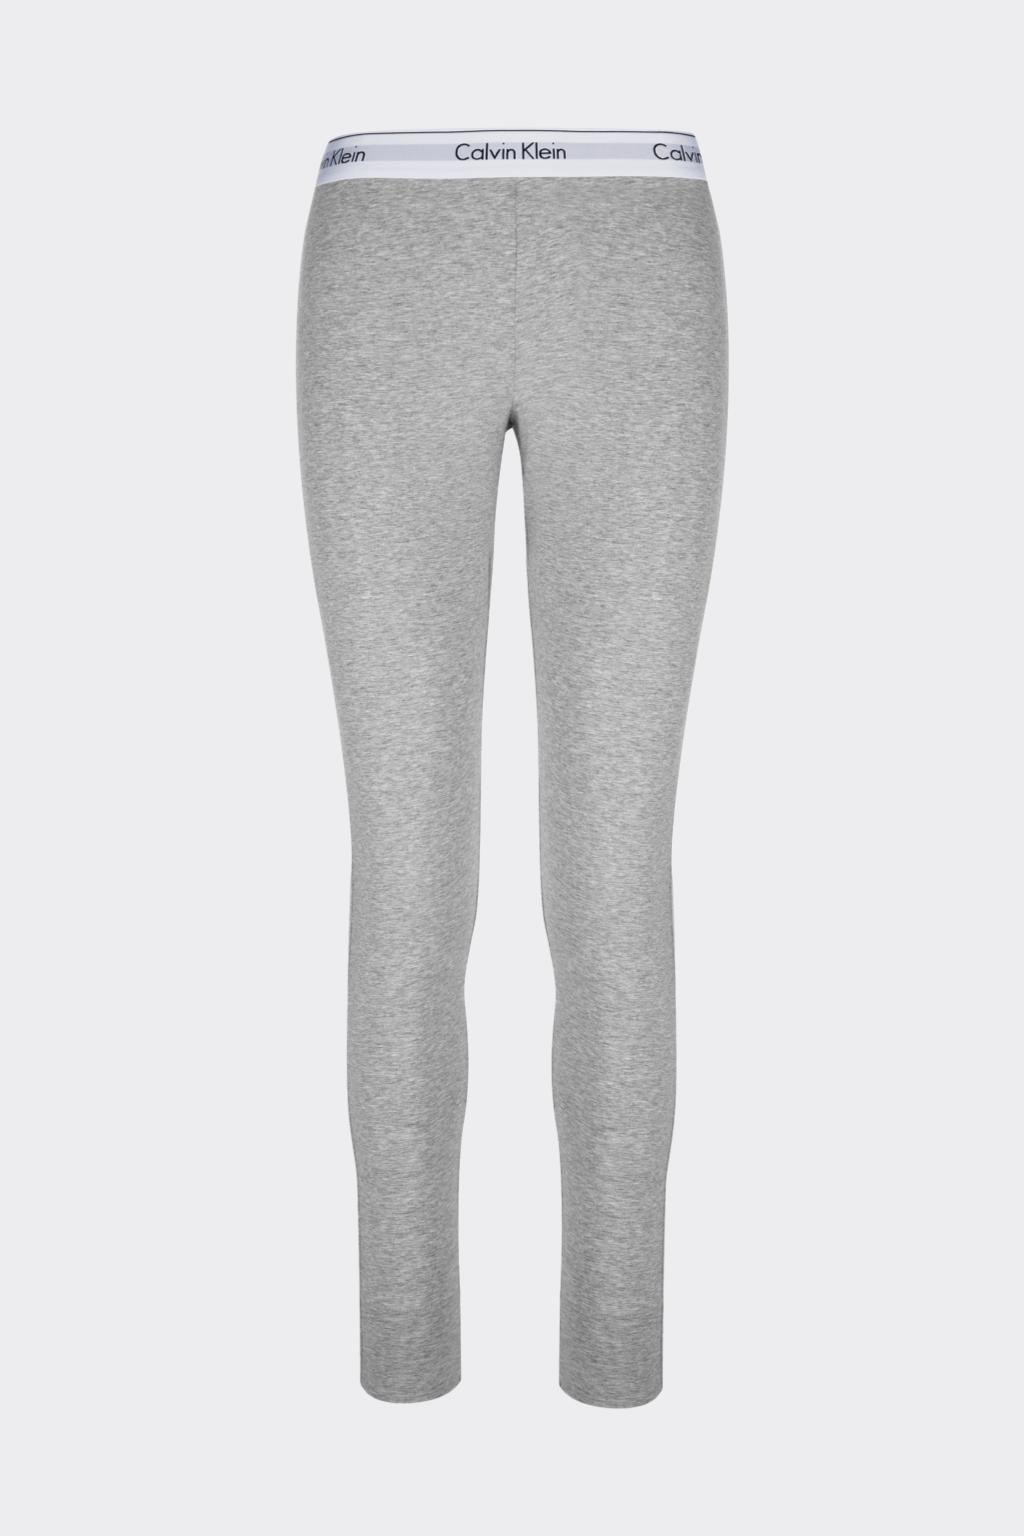 Calvin Klein Modern Cotton Legíny dámské- šedé (Velikost XS)